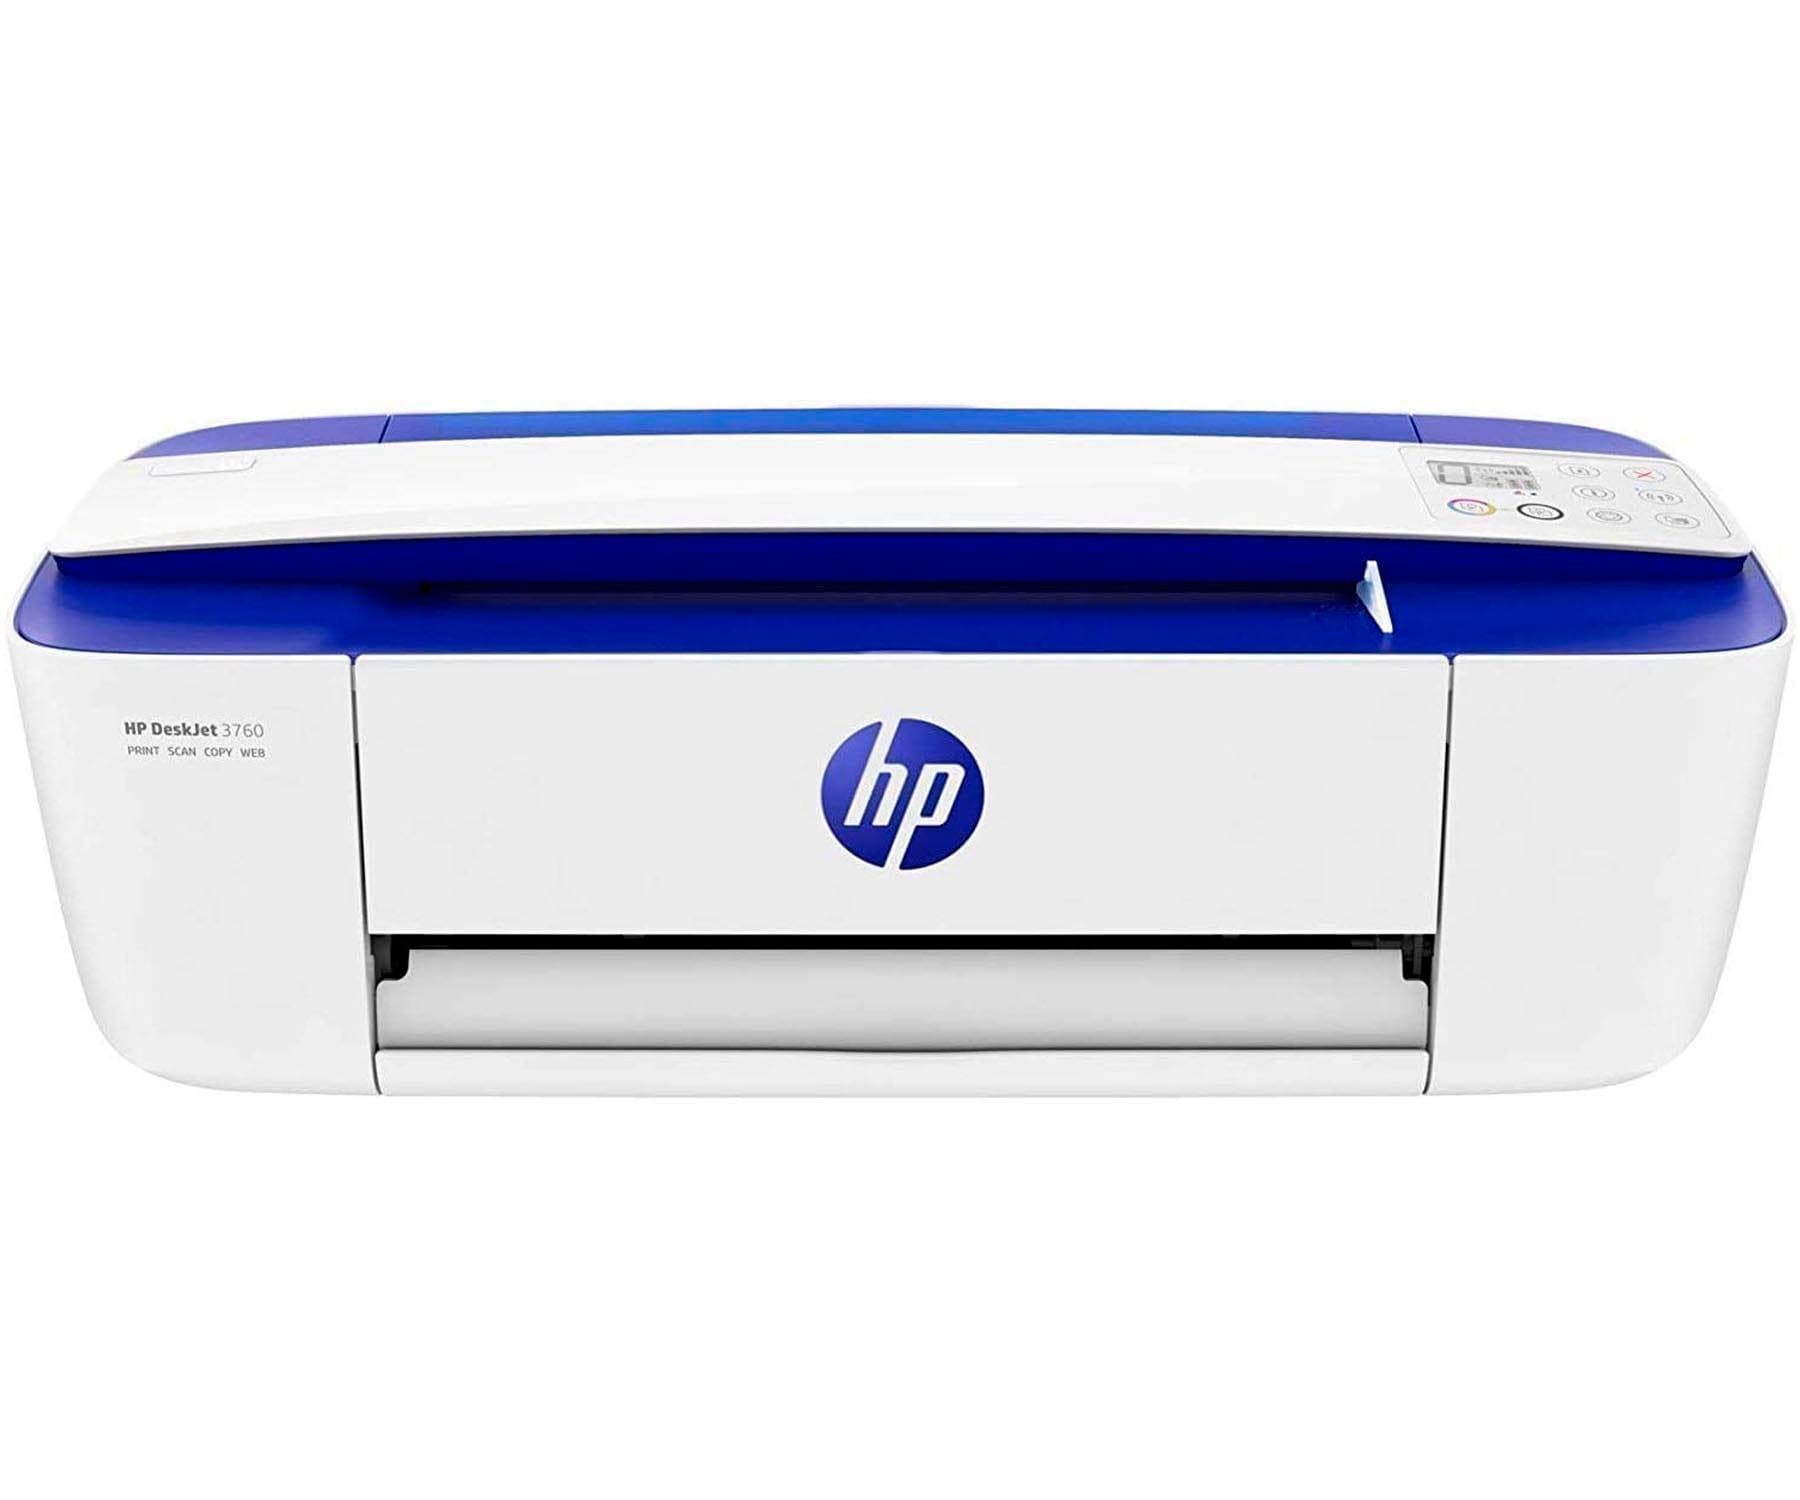 HP DESKJET 3760 IMPRESORA INALÁMBRICA WIFI MULTIFUNCIÓN: IMPRESIÓN, COPIA Y ESCÁNER